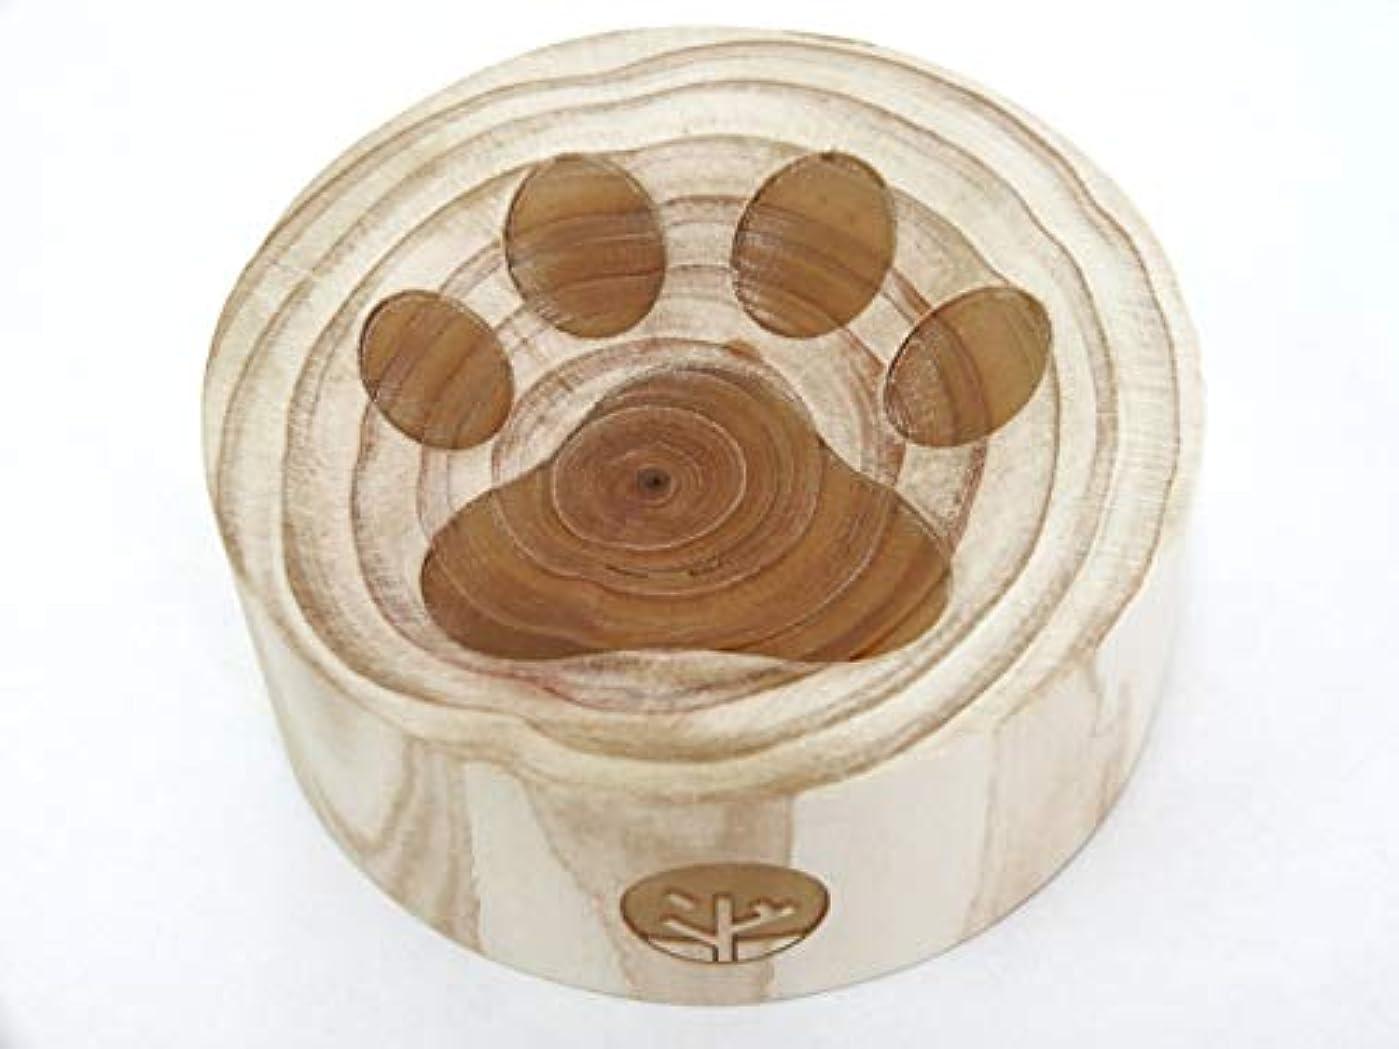 ポルティコ野望絡み合い一郎木創 木製 アロマディッシュ 心持木受香器 肉球 猫 桧 TL-97-5